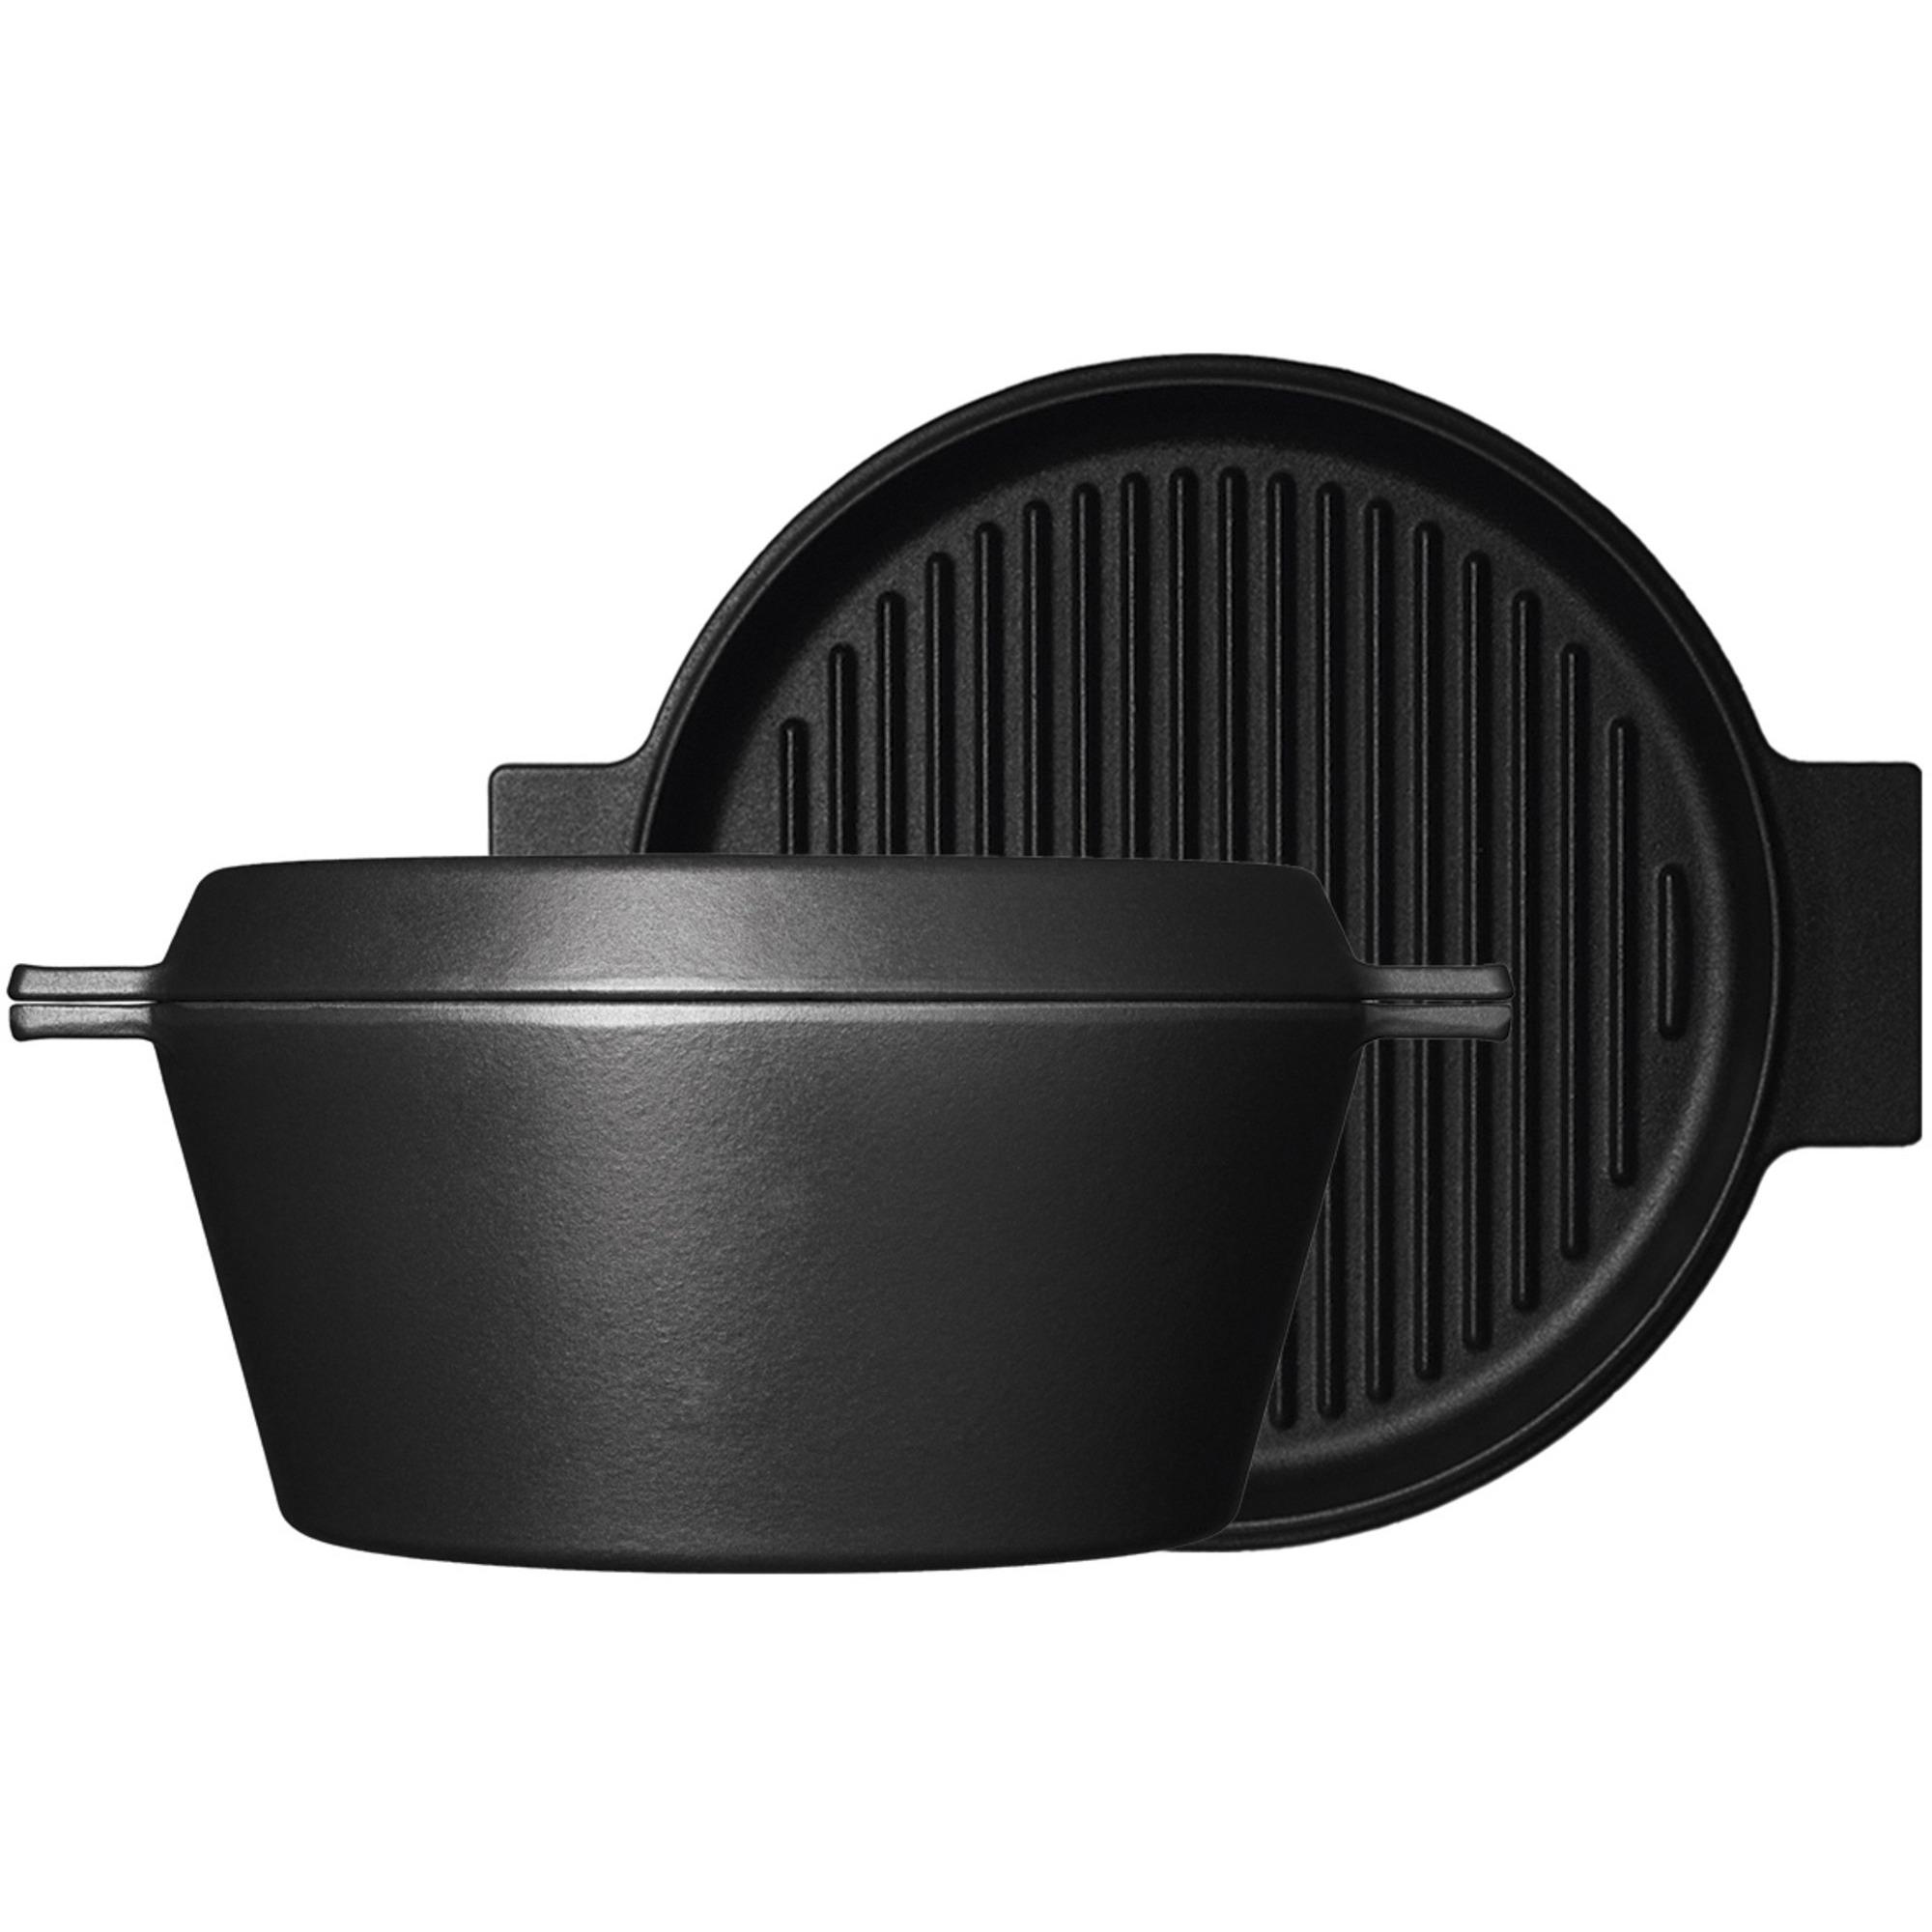 Morsø Multicocotte med grillock 46 L